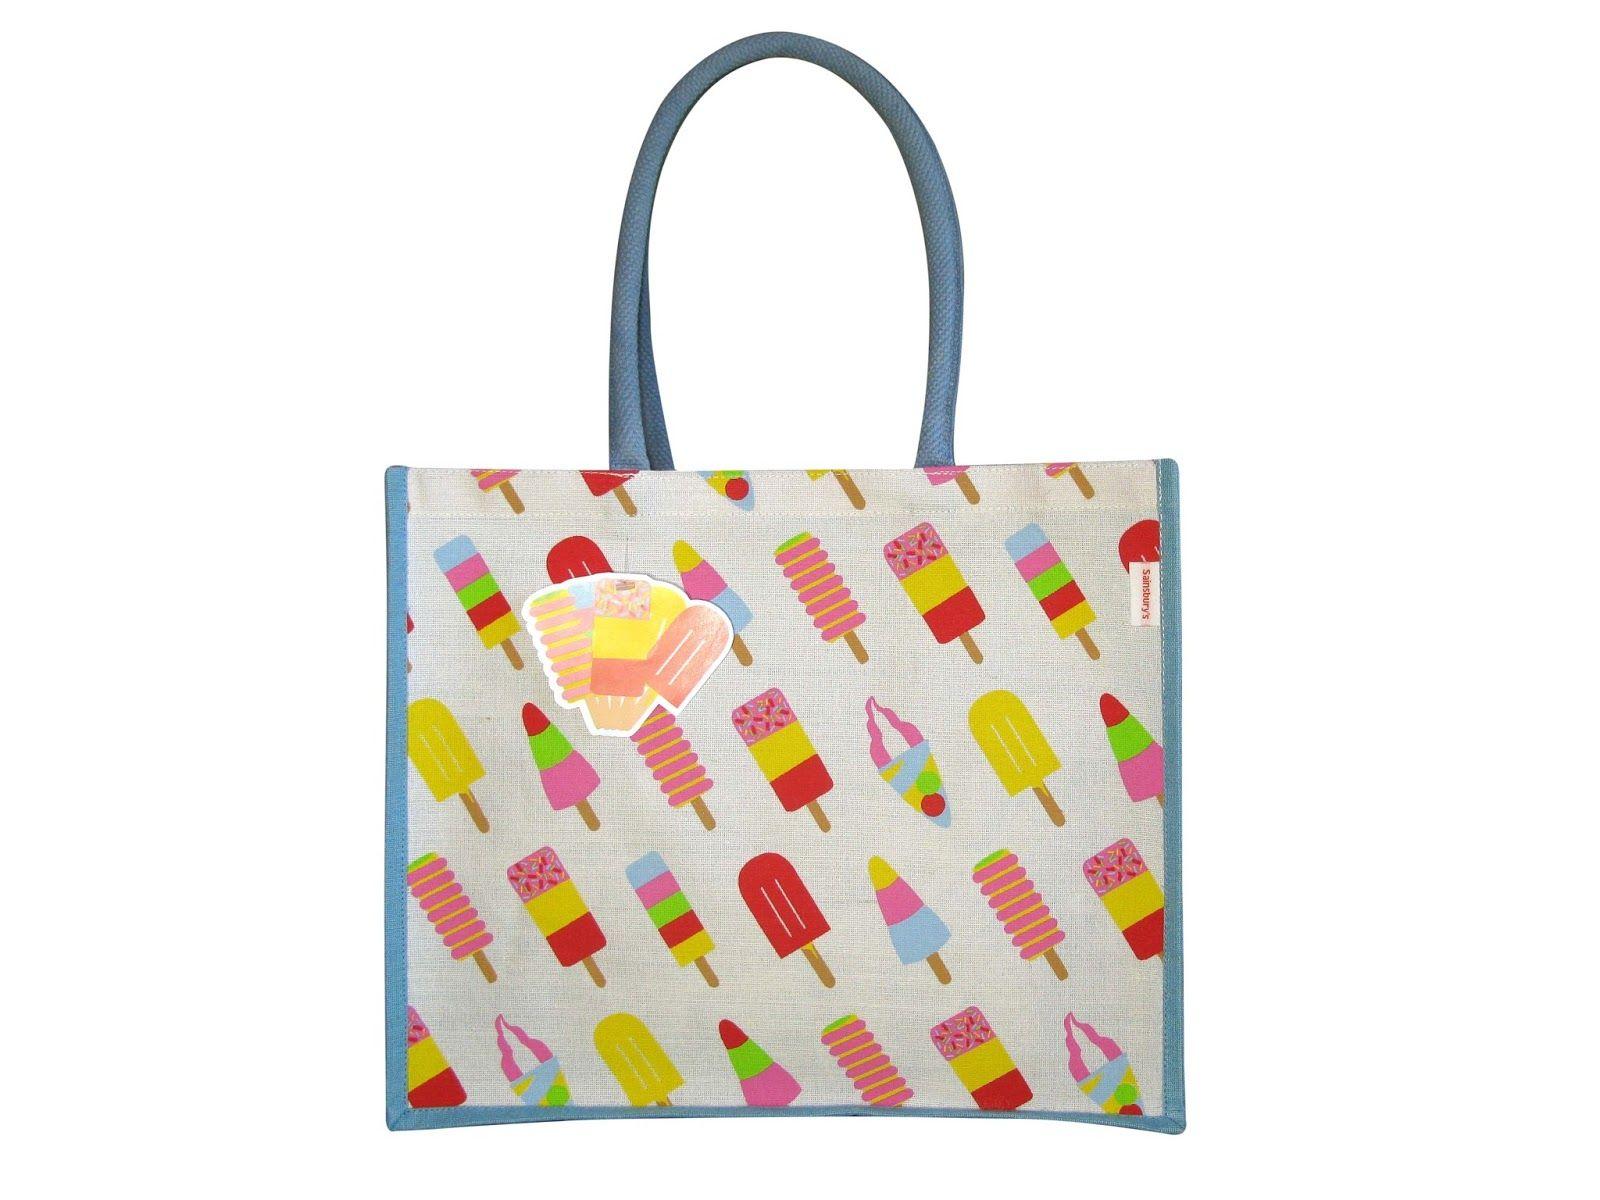 Image Result For Sainsburys Bag Life Jute Bags Burlap